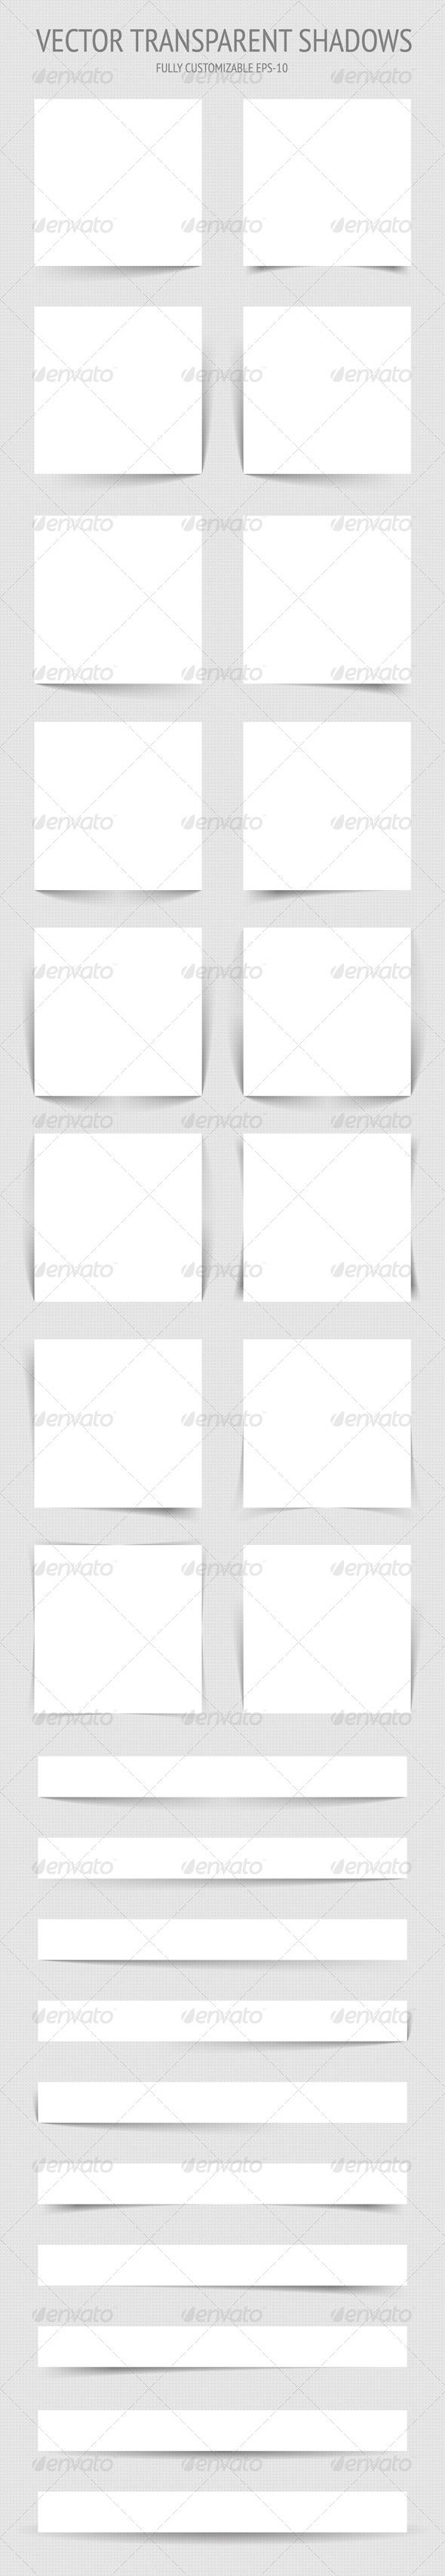 GraphicRiver Vector Transparent Shadows 4437591